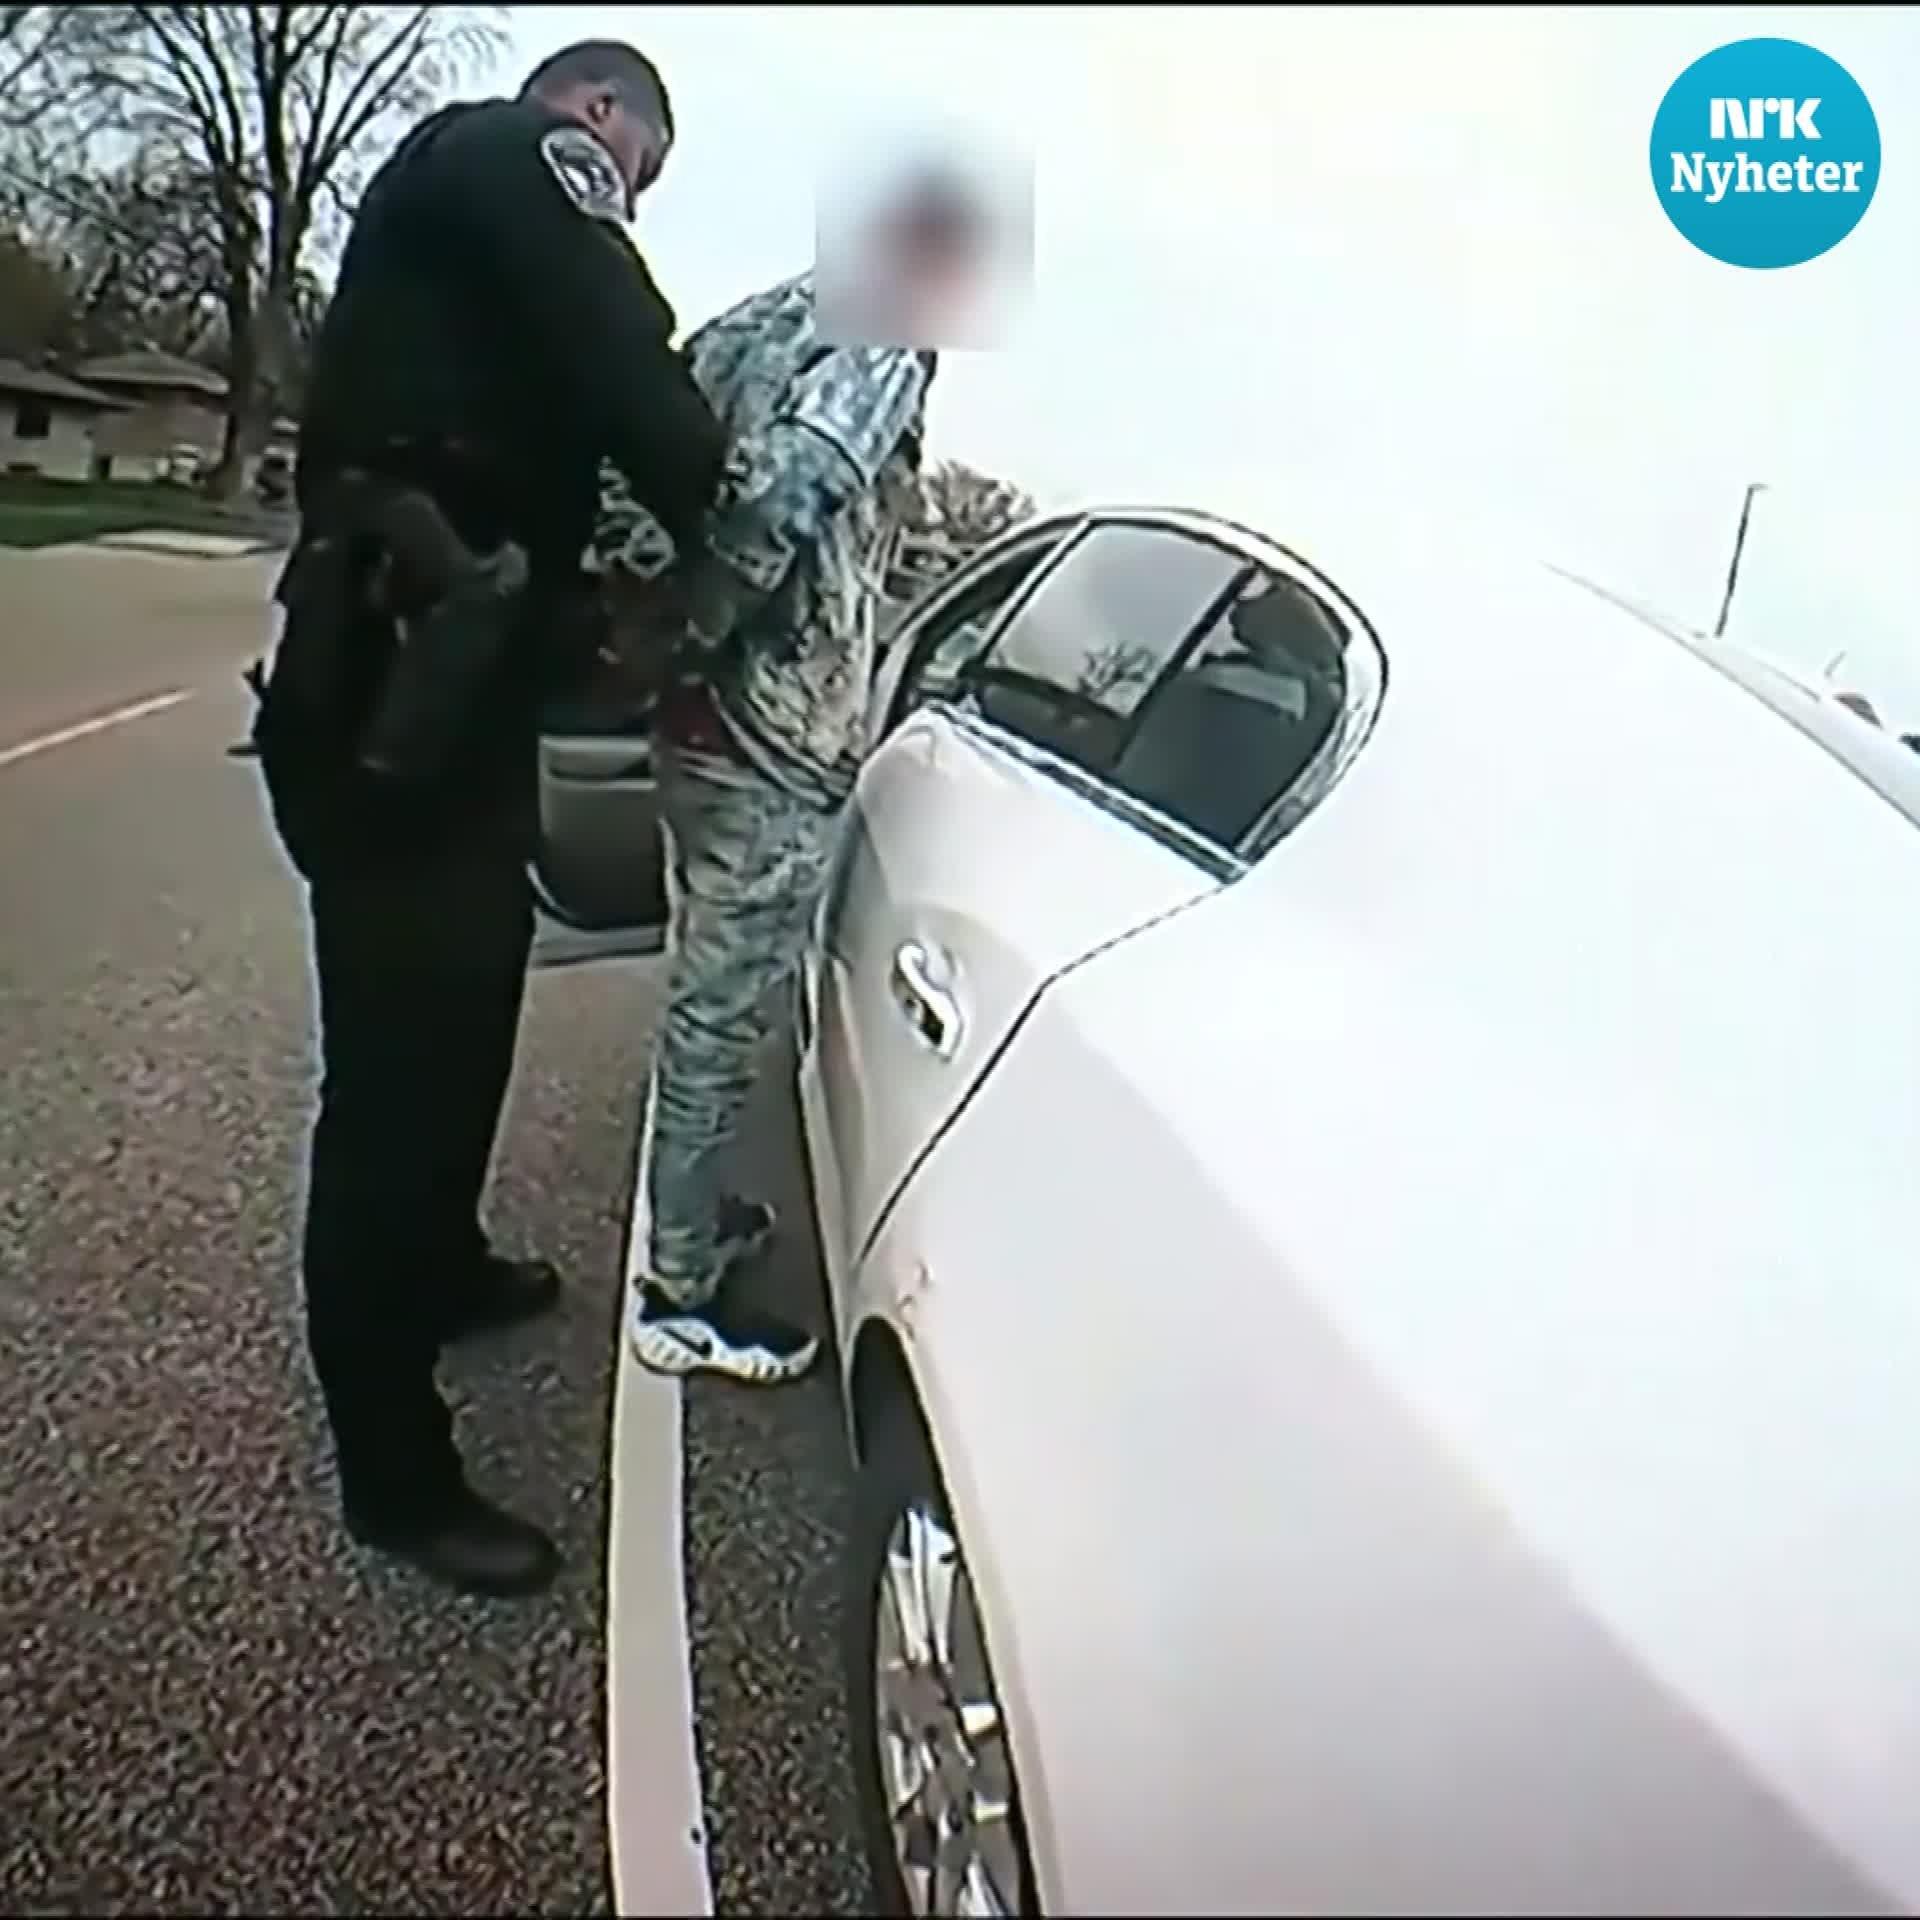 Minneapolis-politiet hevder 20-åring ble skutt ved et uhell: – Mente å bruke taseren